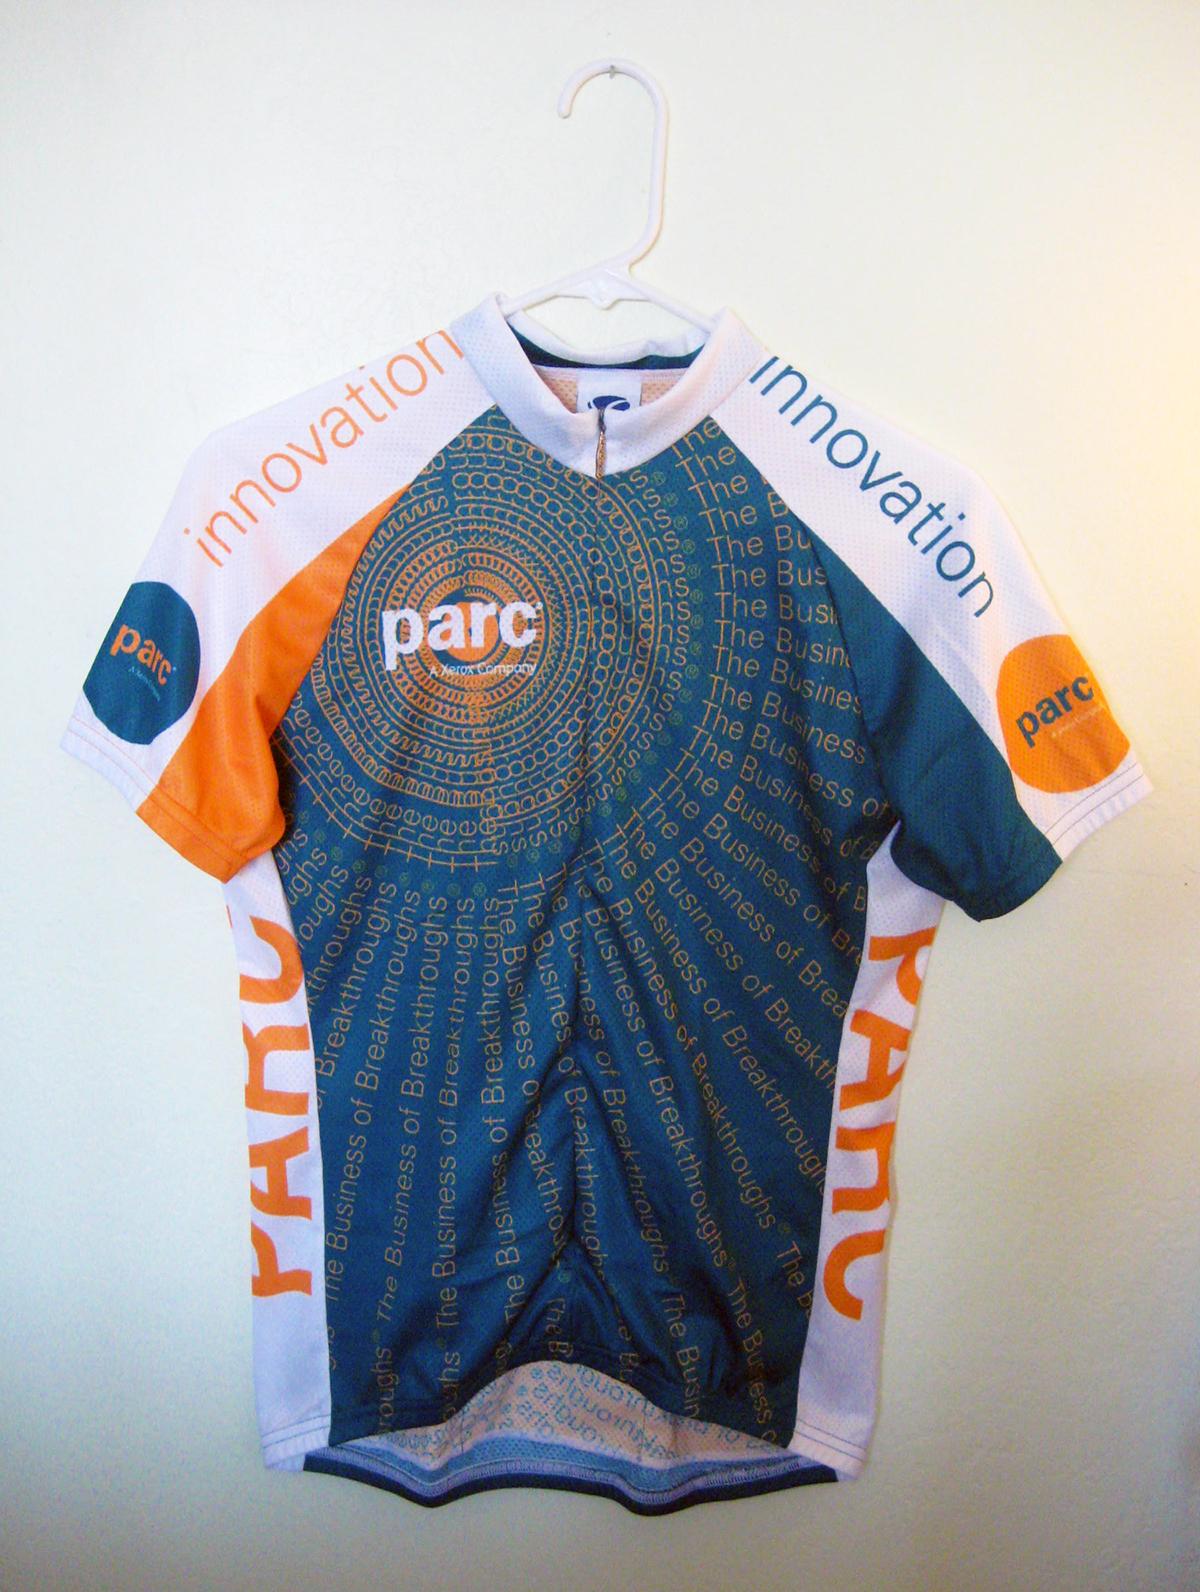 parc-bike-shirt-front